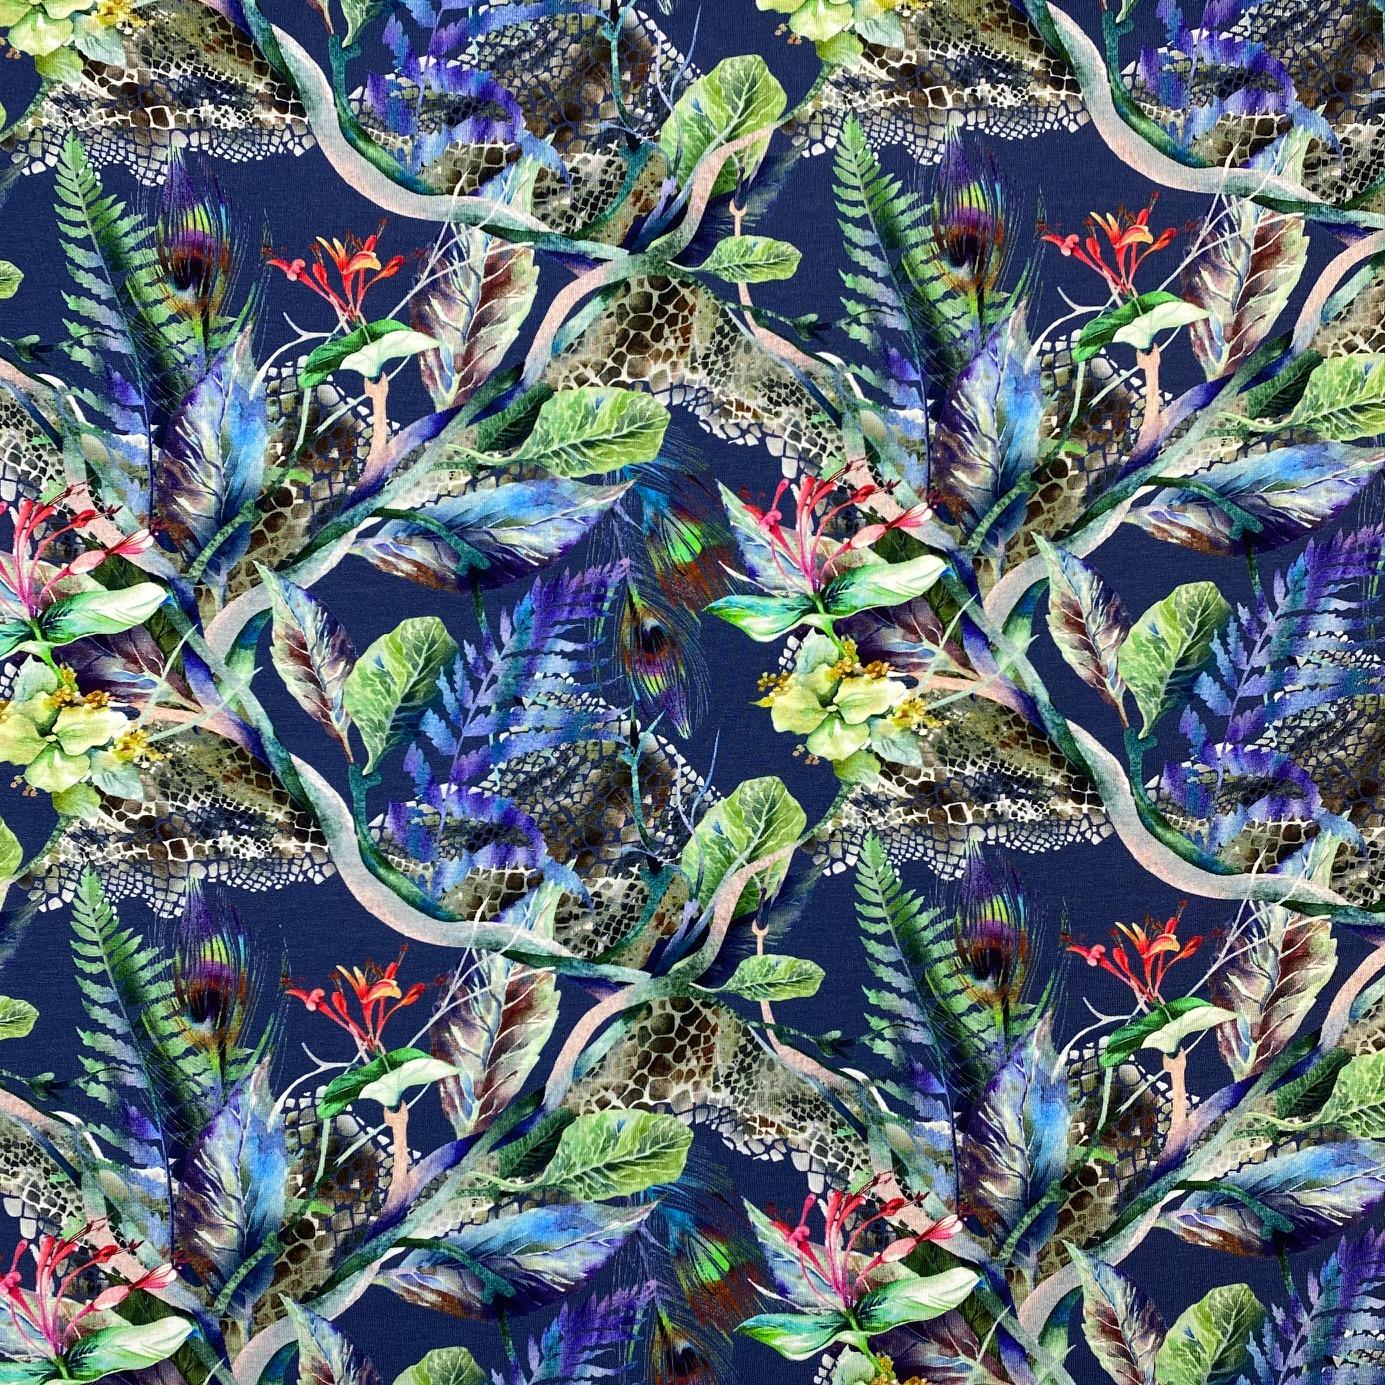 Viskosenjersey, Digital Druck, Tropenfeder, dunkles jeansblau.  Art. 4870/1107